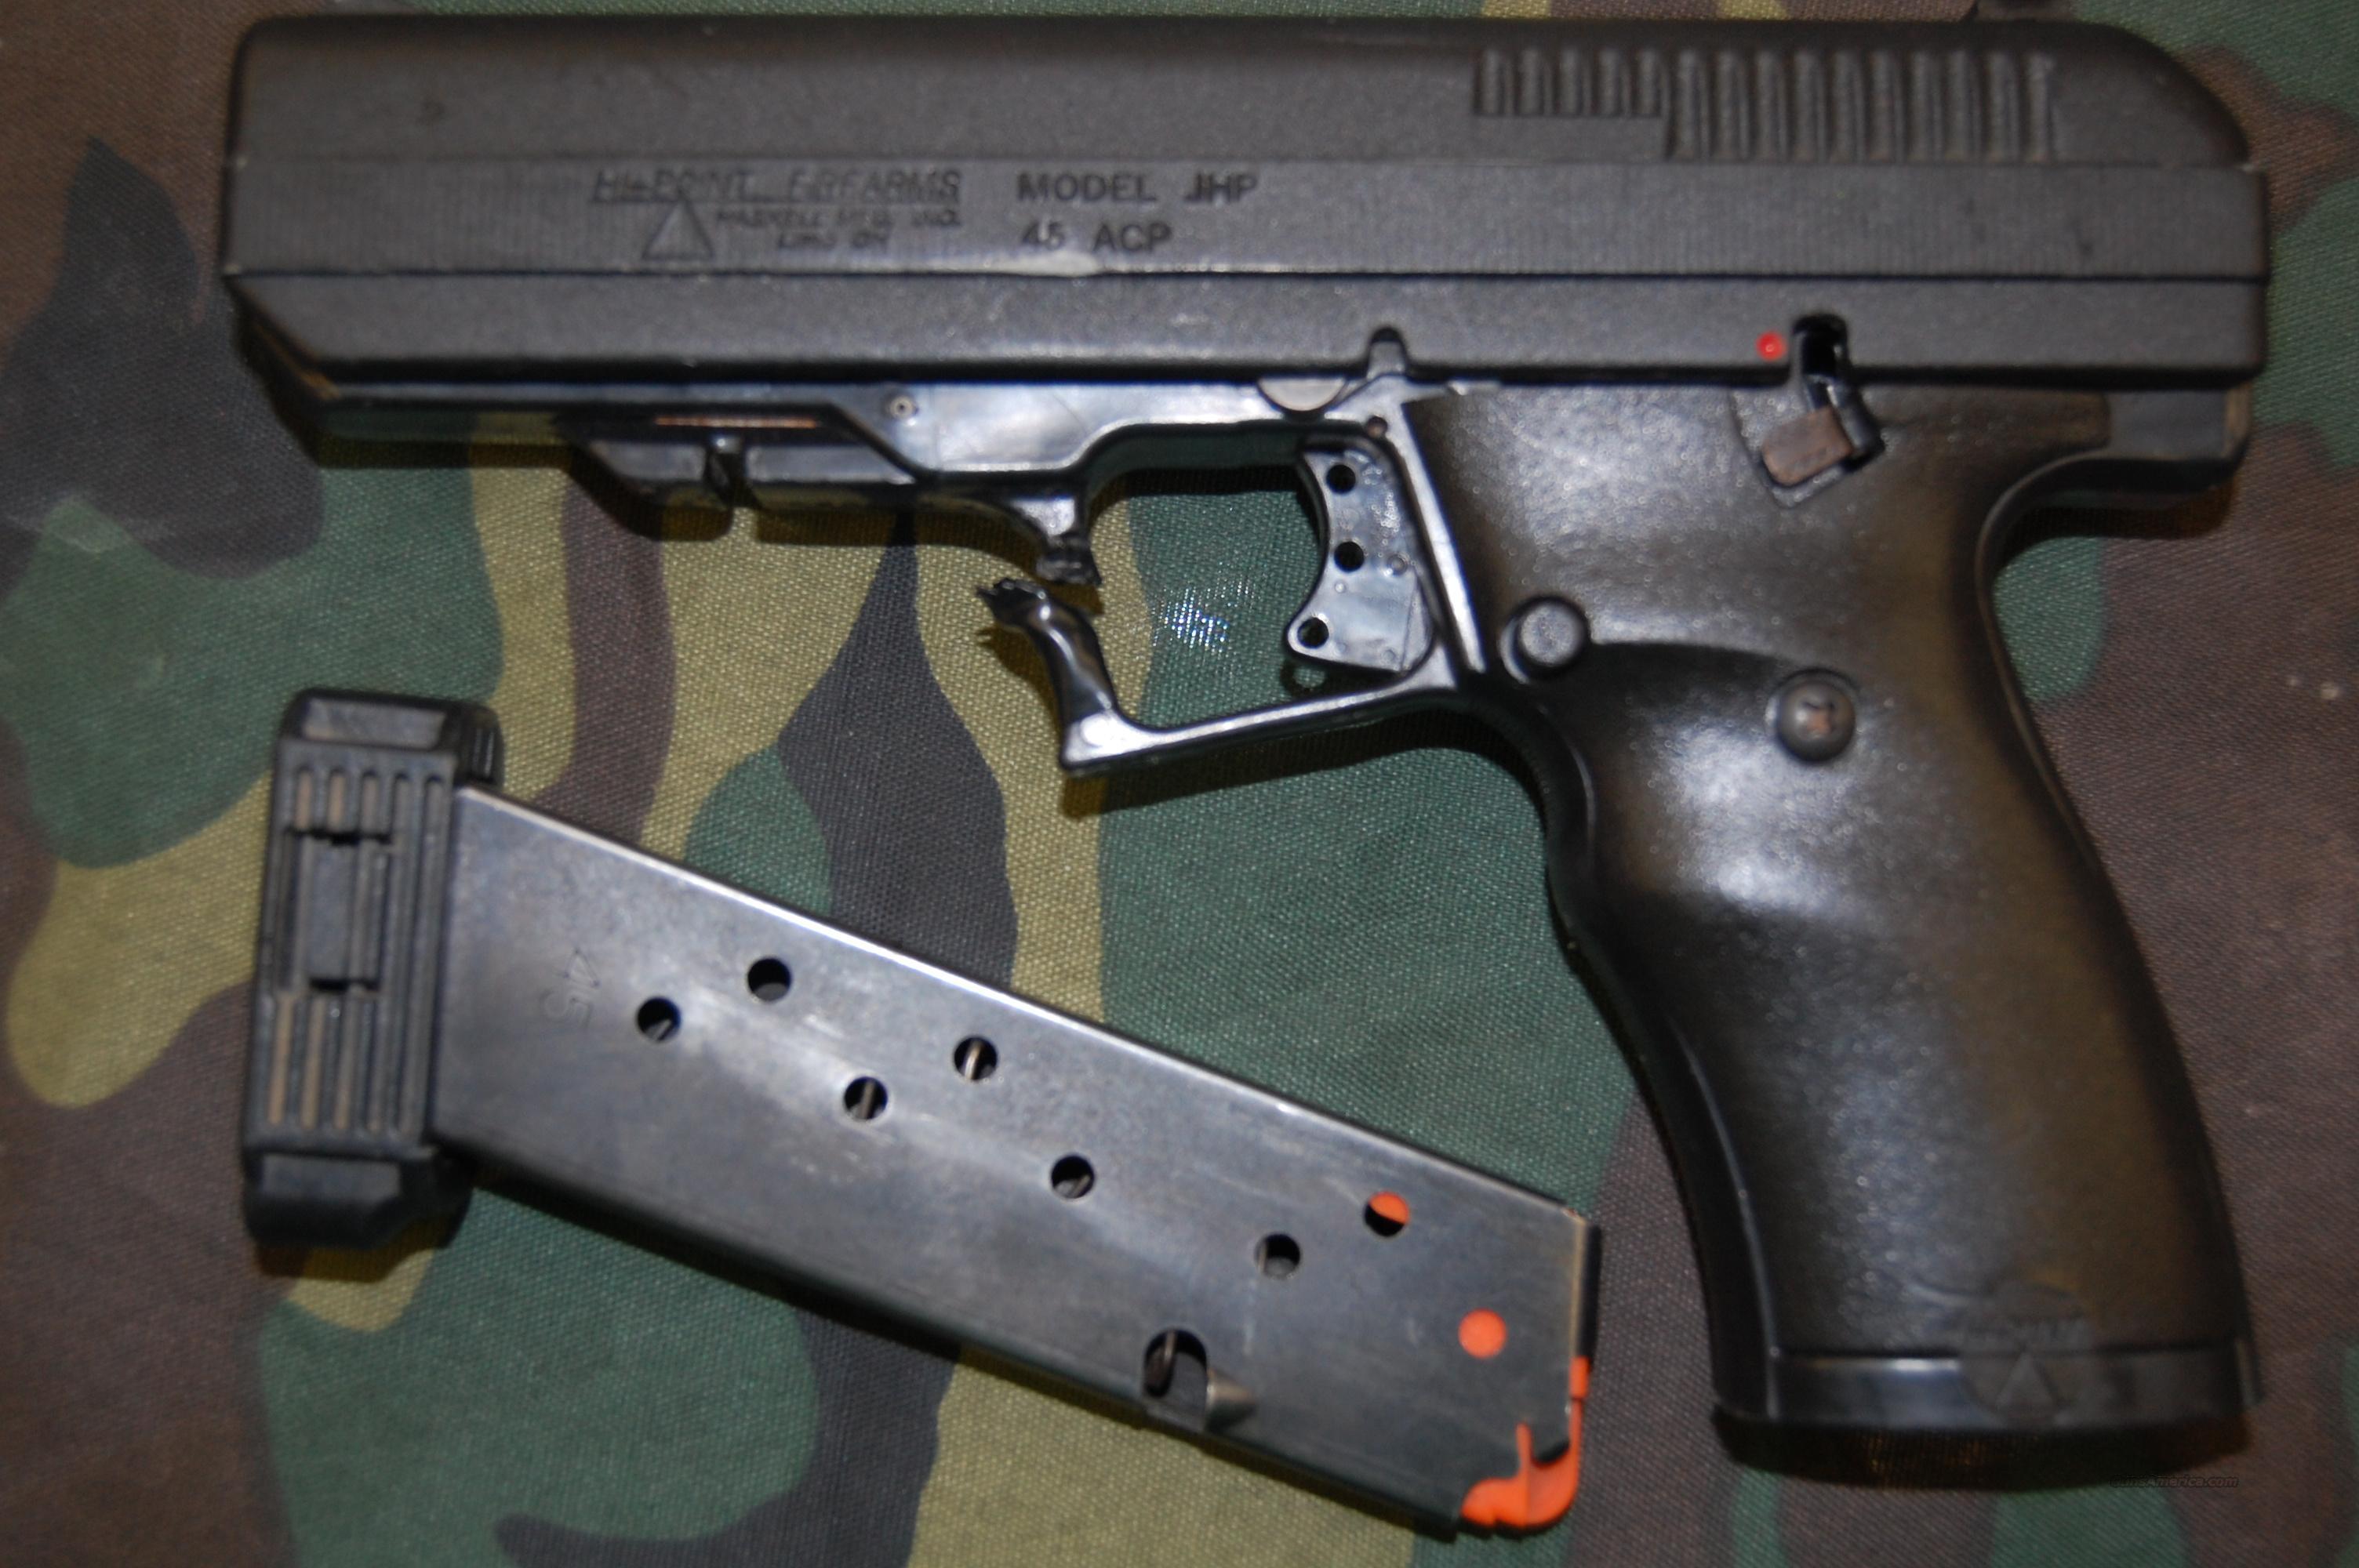 HI-POINT JHP-Broken Trigger Guard